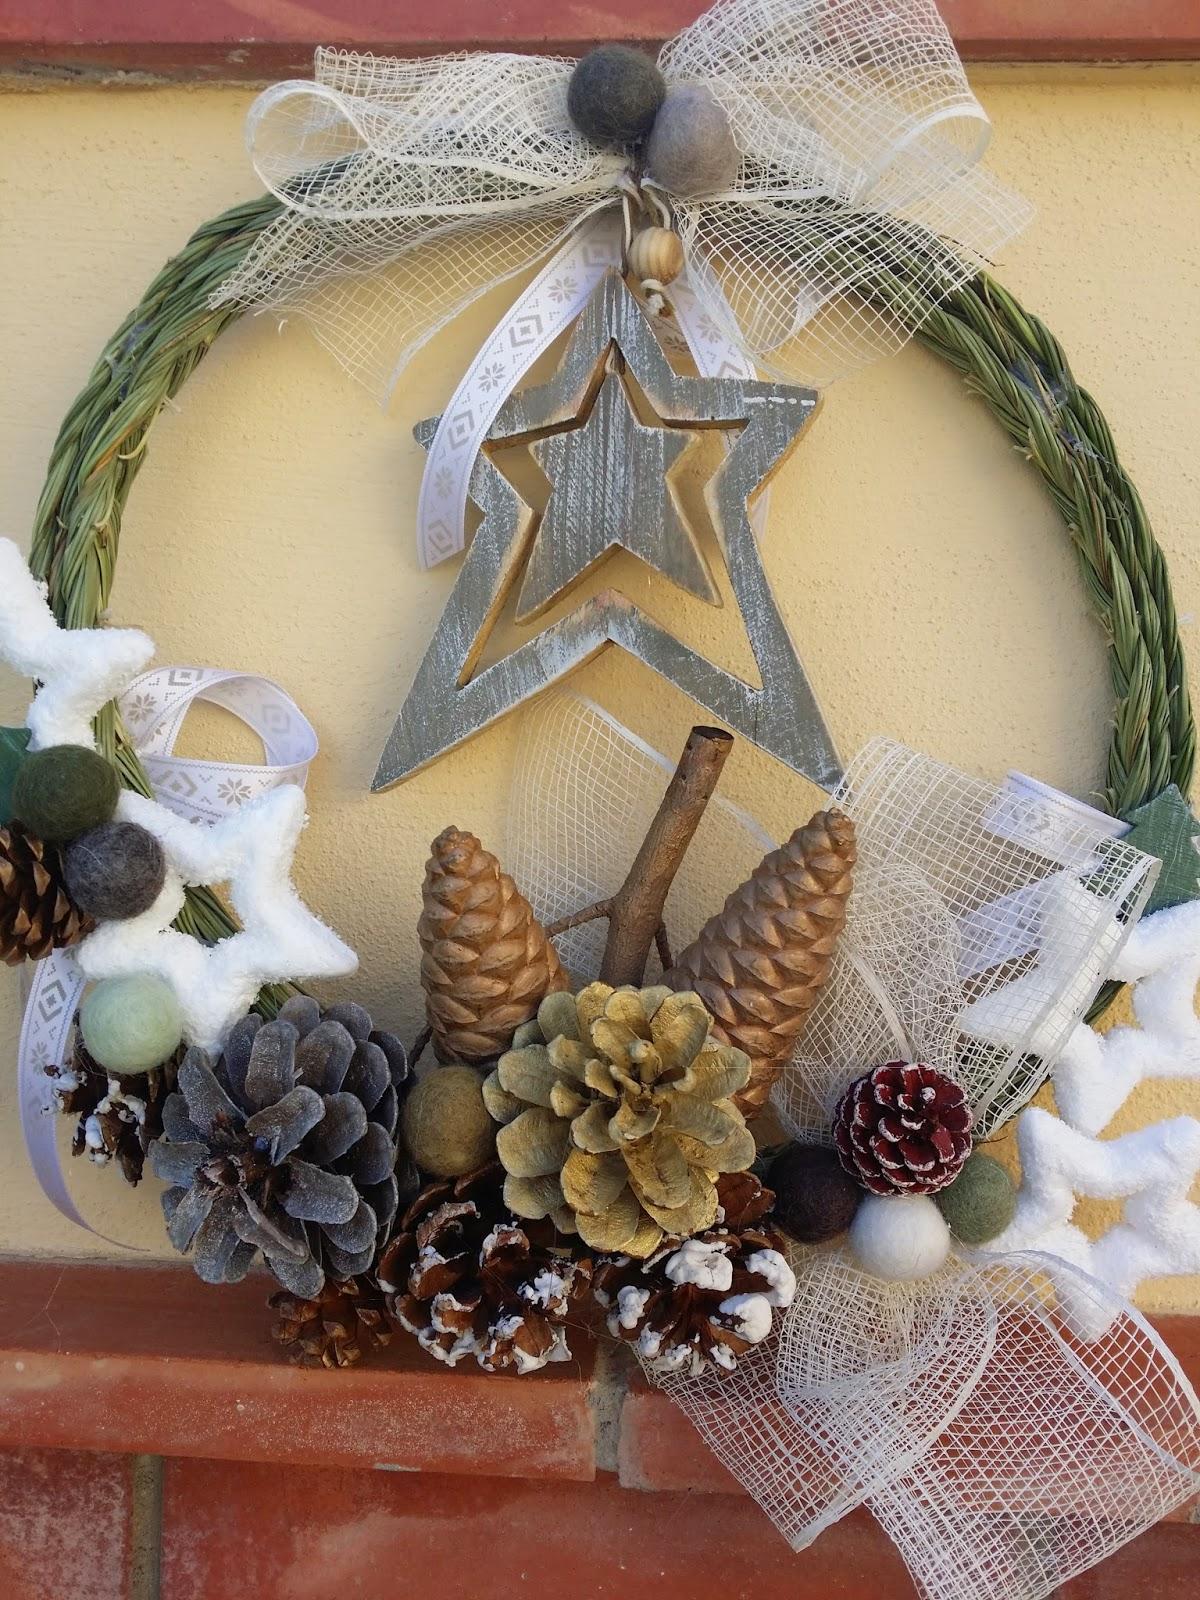 Mis bordados y labores adornos de navidad hechos con esparto - Adornos de navidad hechos con pinas ...